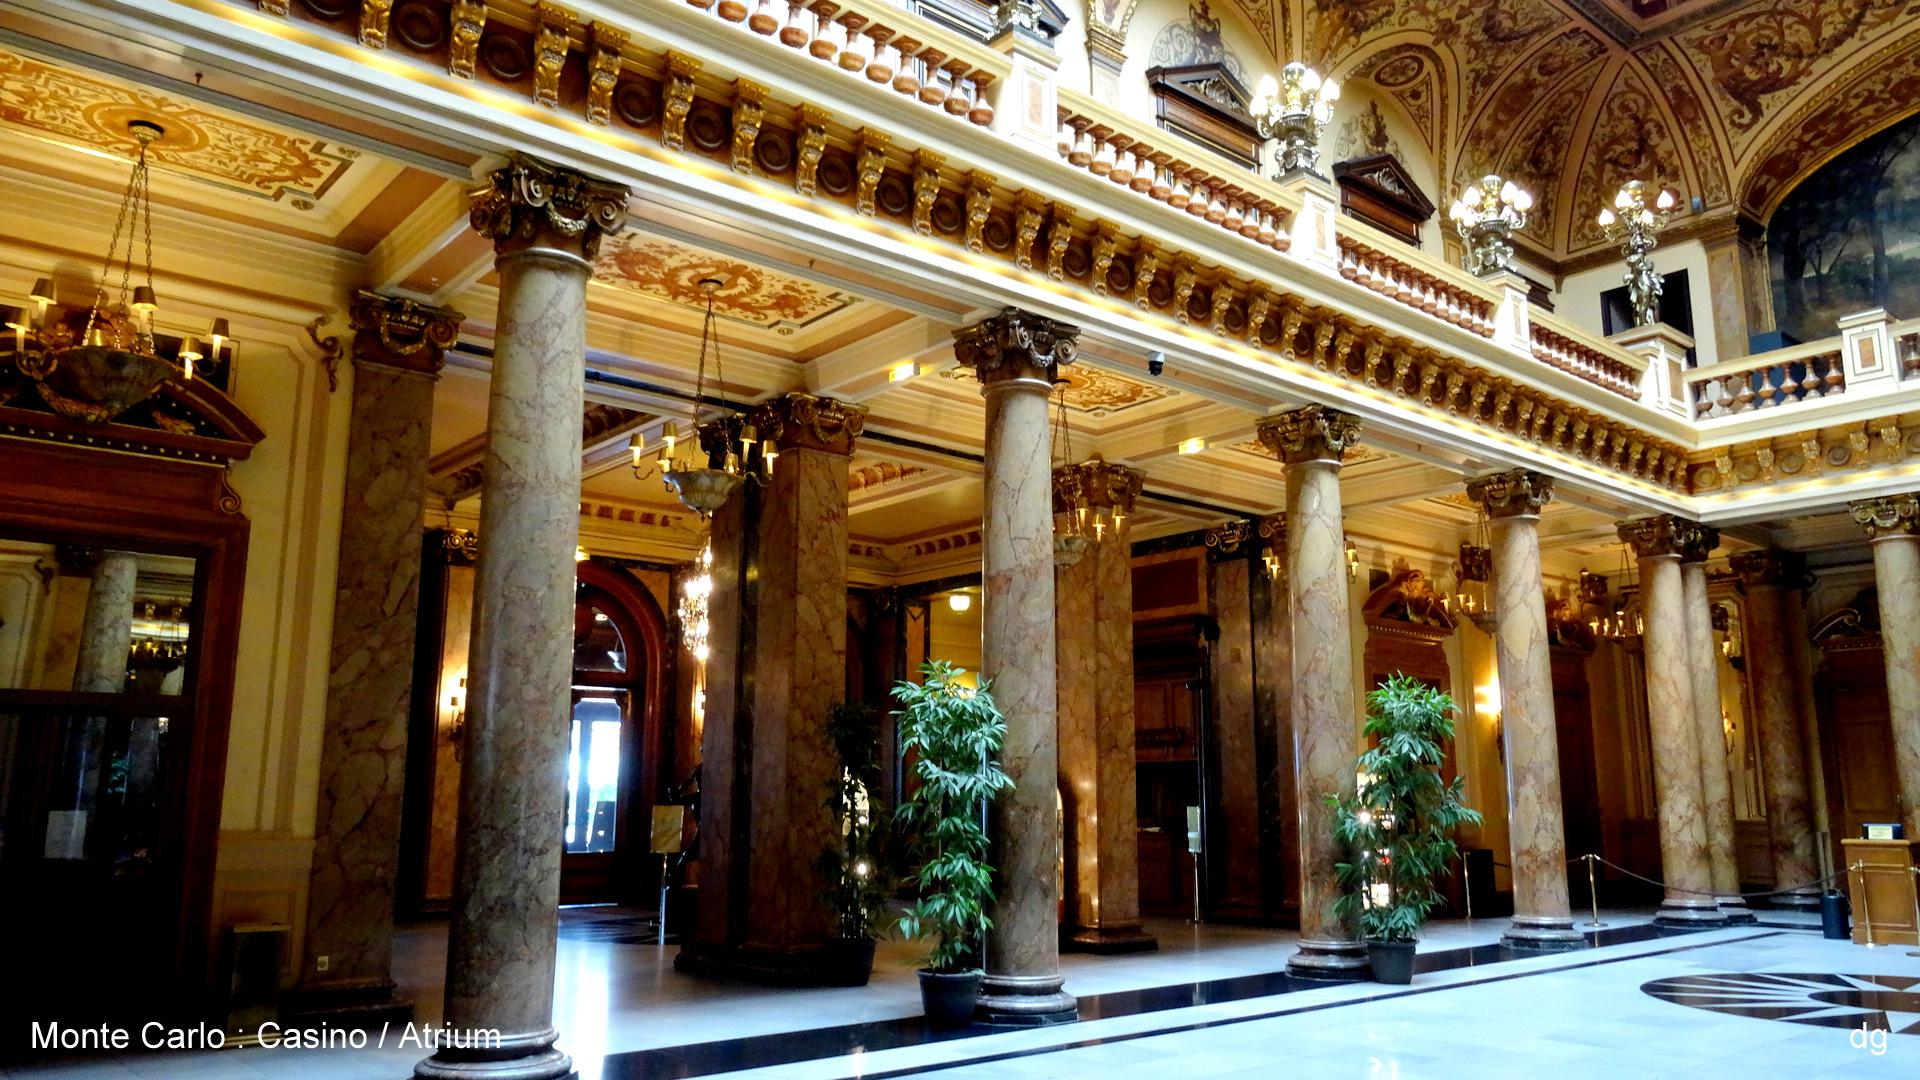 Monte Carlo Casino Address